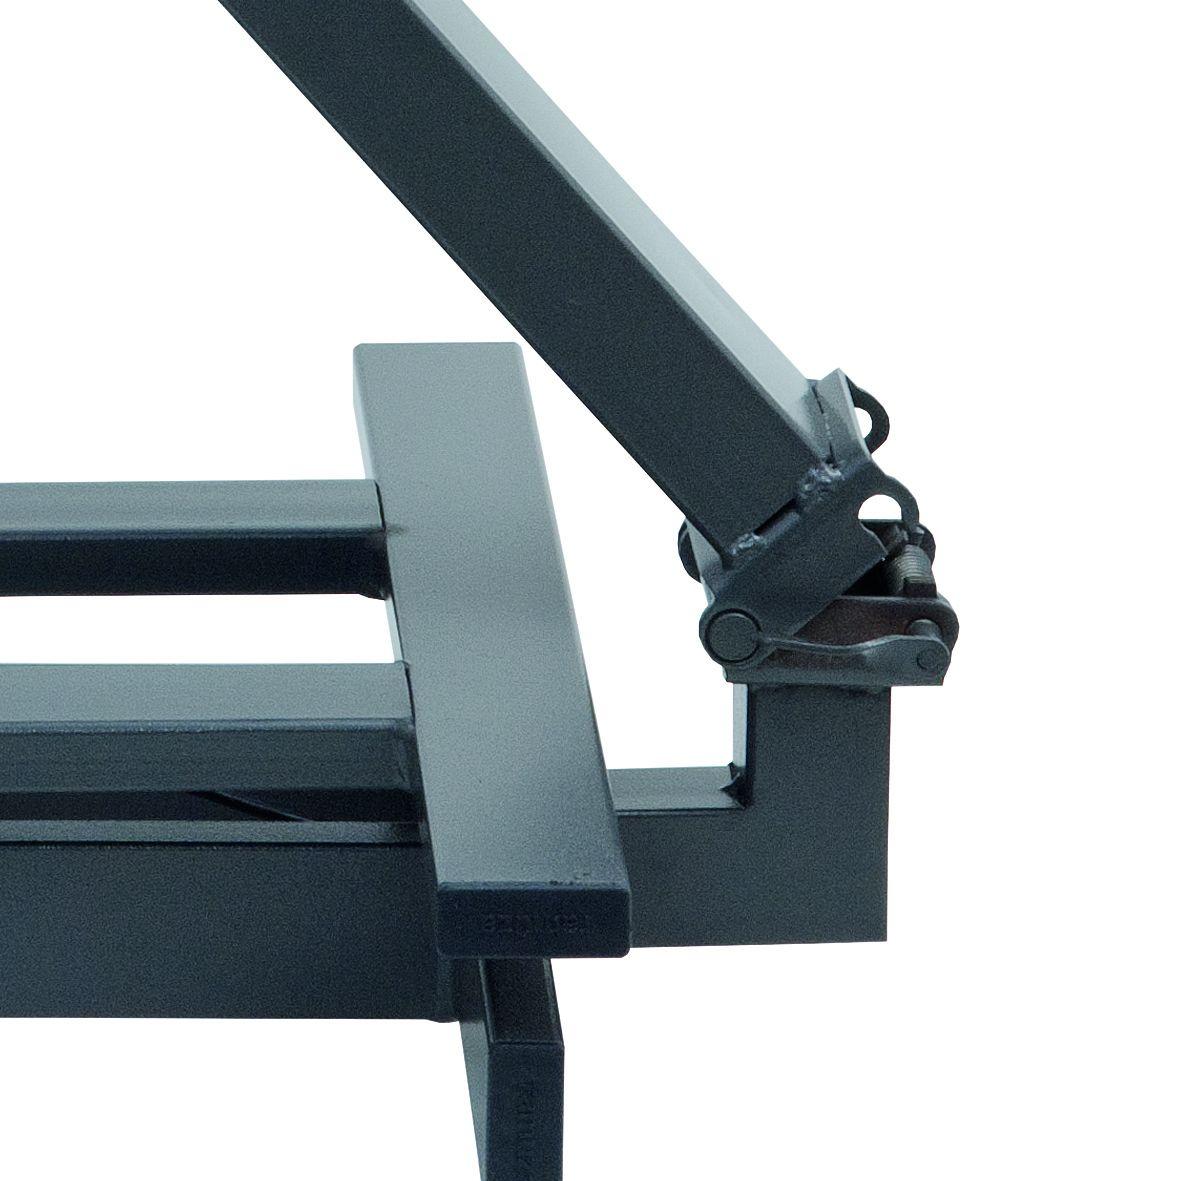 Balança Industrial Plataforma em Aço Carbono Ramuza DP - Capacidade:100kg, Base: 40x50cm,  IDR de Ferro